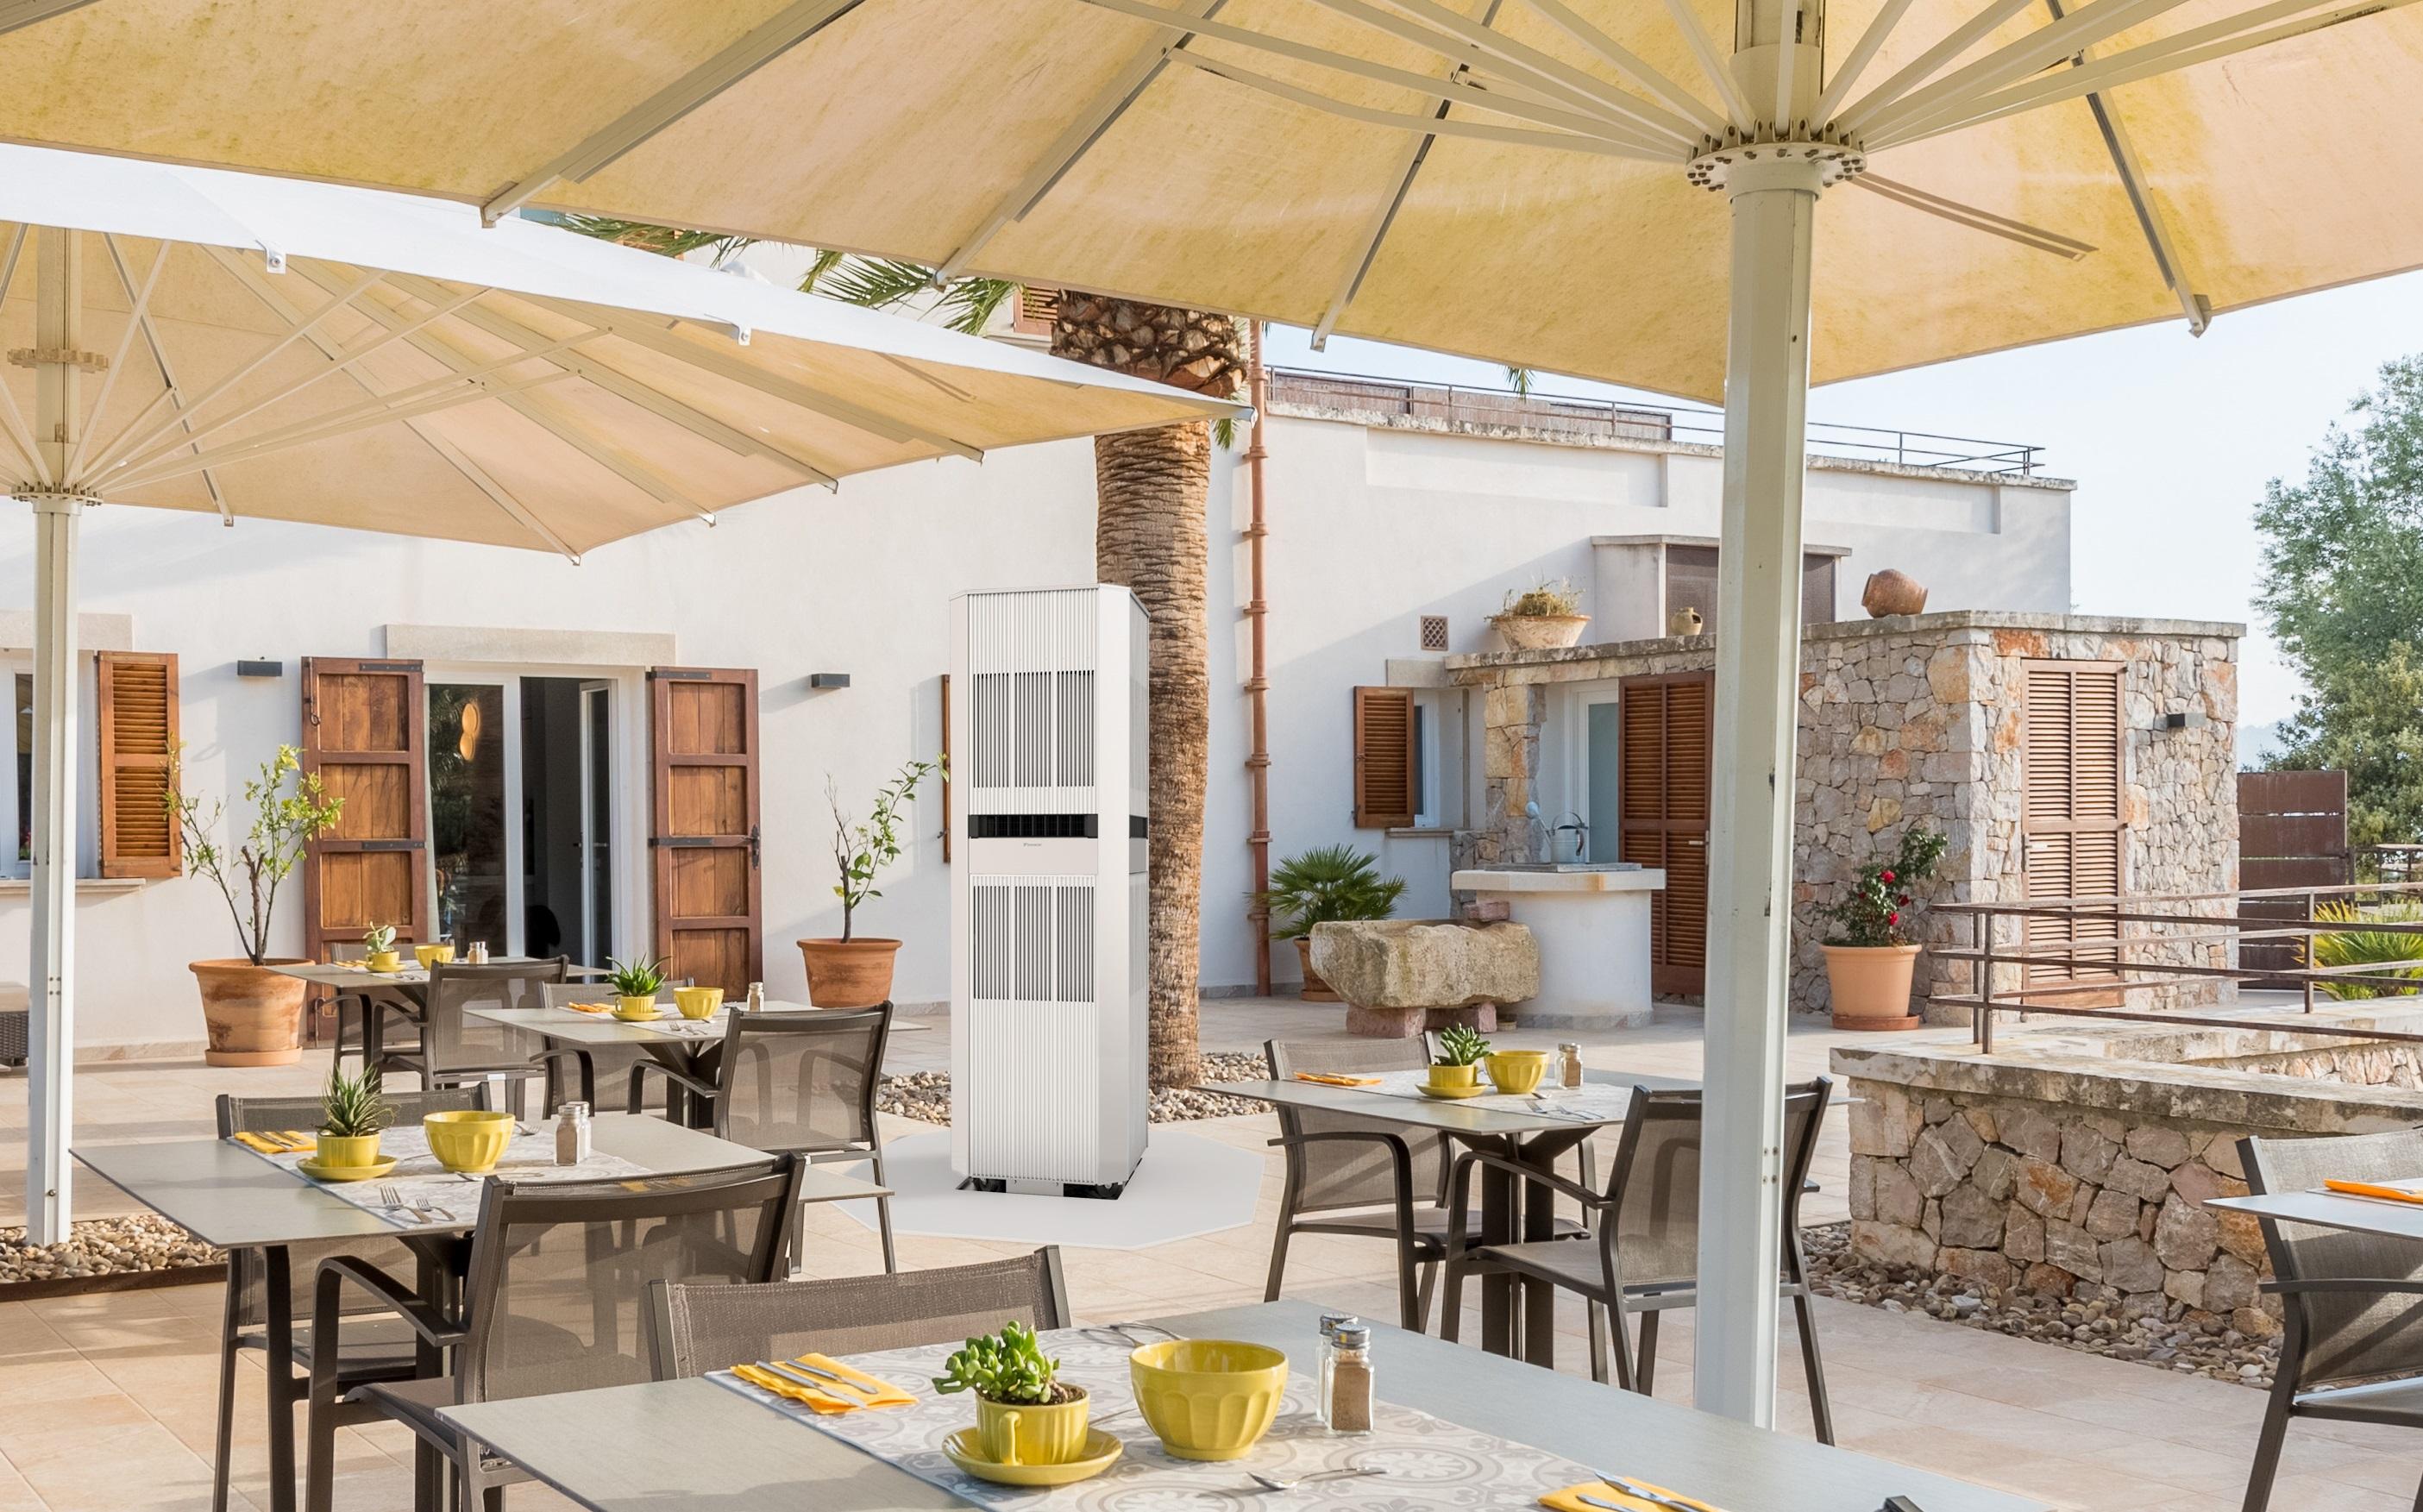 【ダイキン工業】真夏の屋外に涼しい風をお届け!屋外用エアコン『アウタータワー』を5月発売の画像